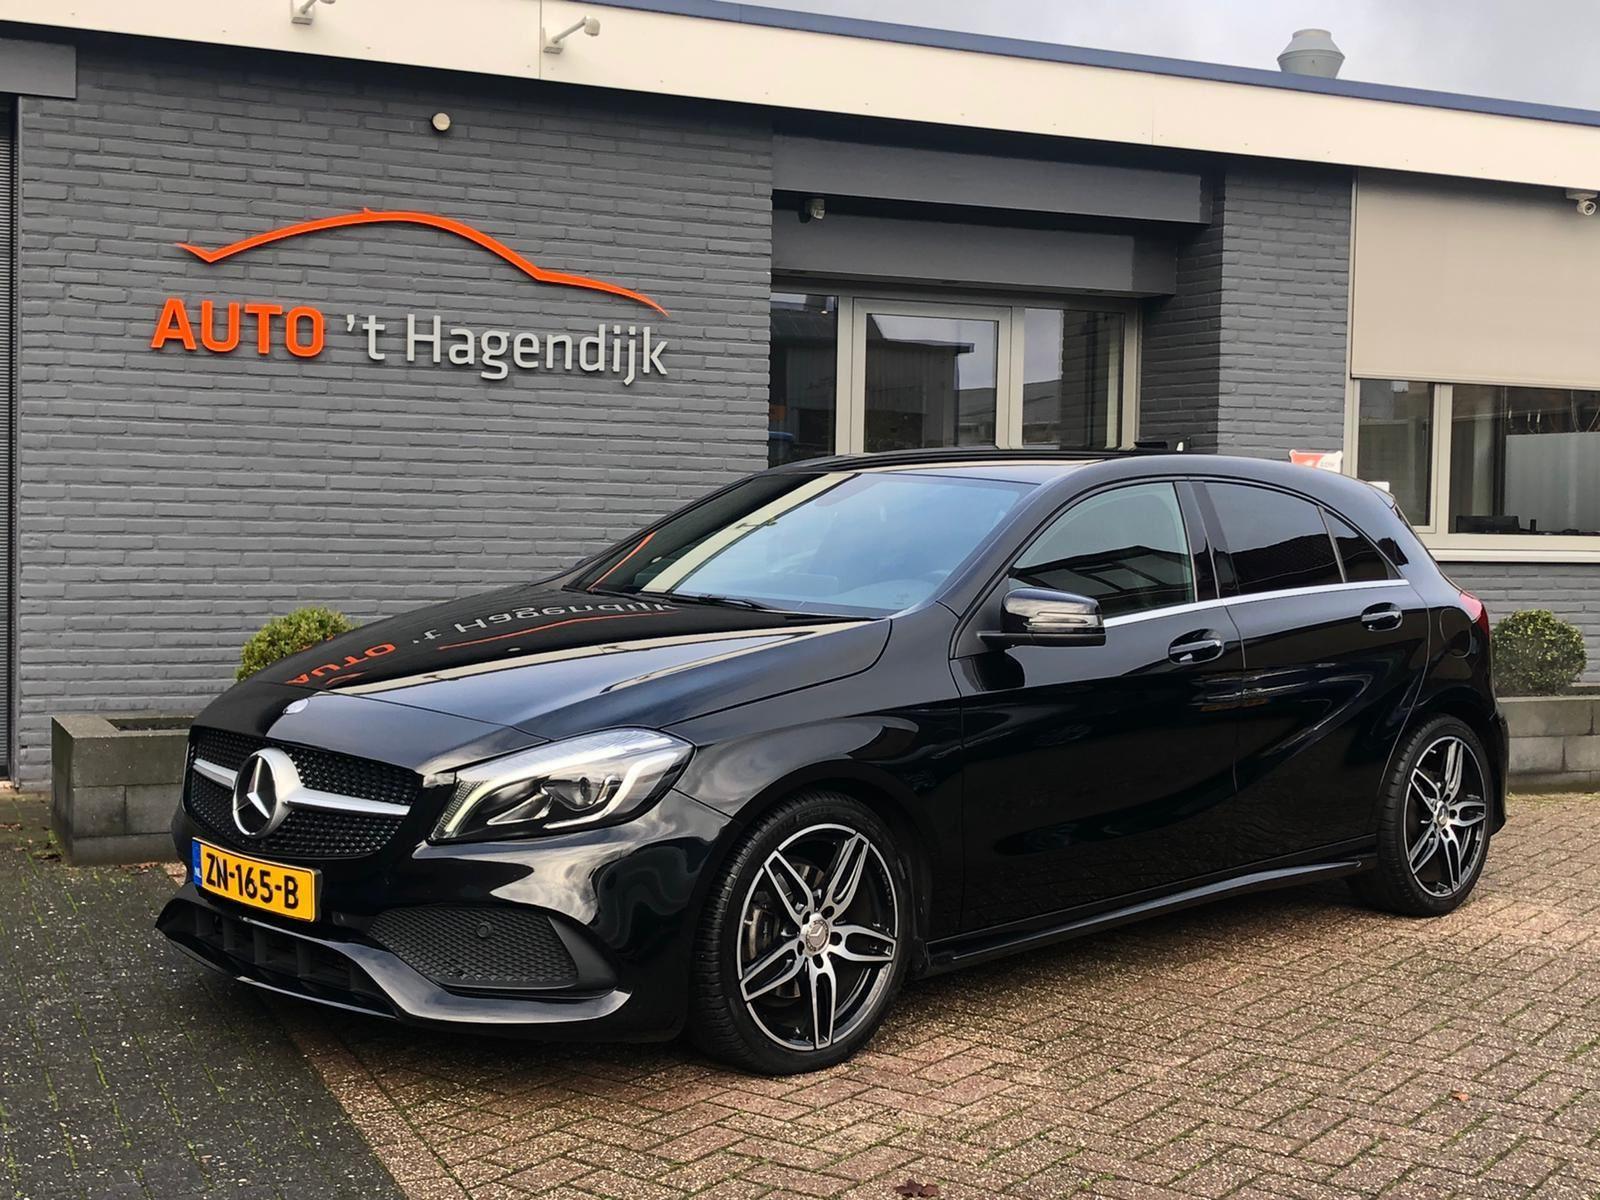 Mercedes-Benz A-klasse occasion - Auto 't Hagendijk